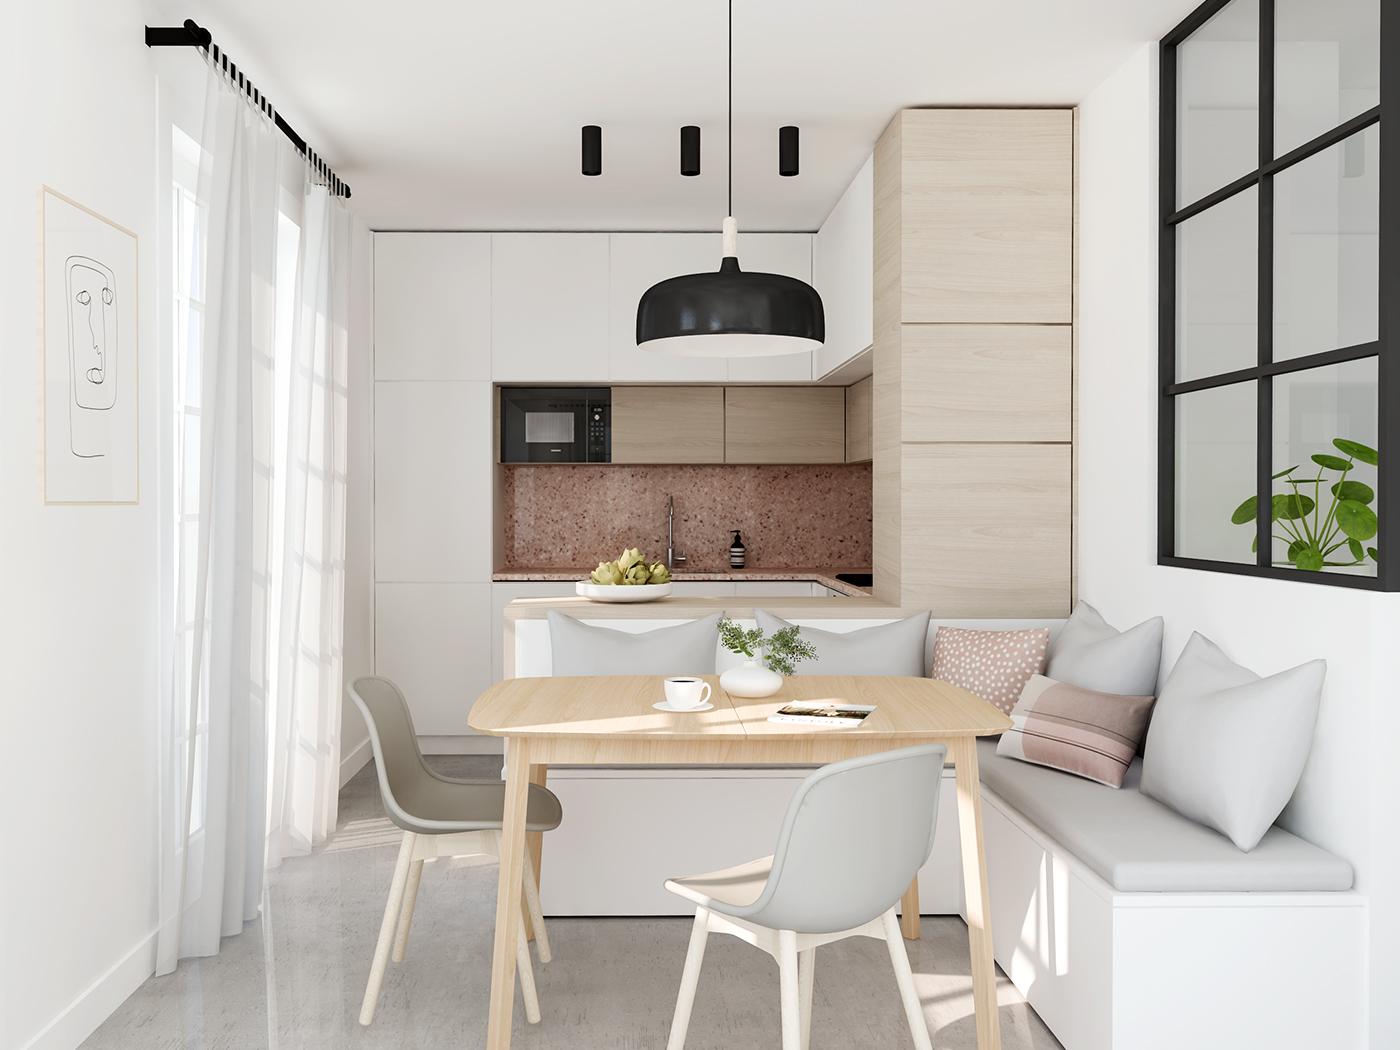 Thiết kế nội thất căn hộ 45 m2 Carillon 5